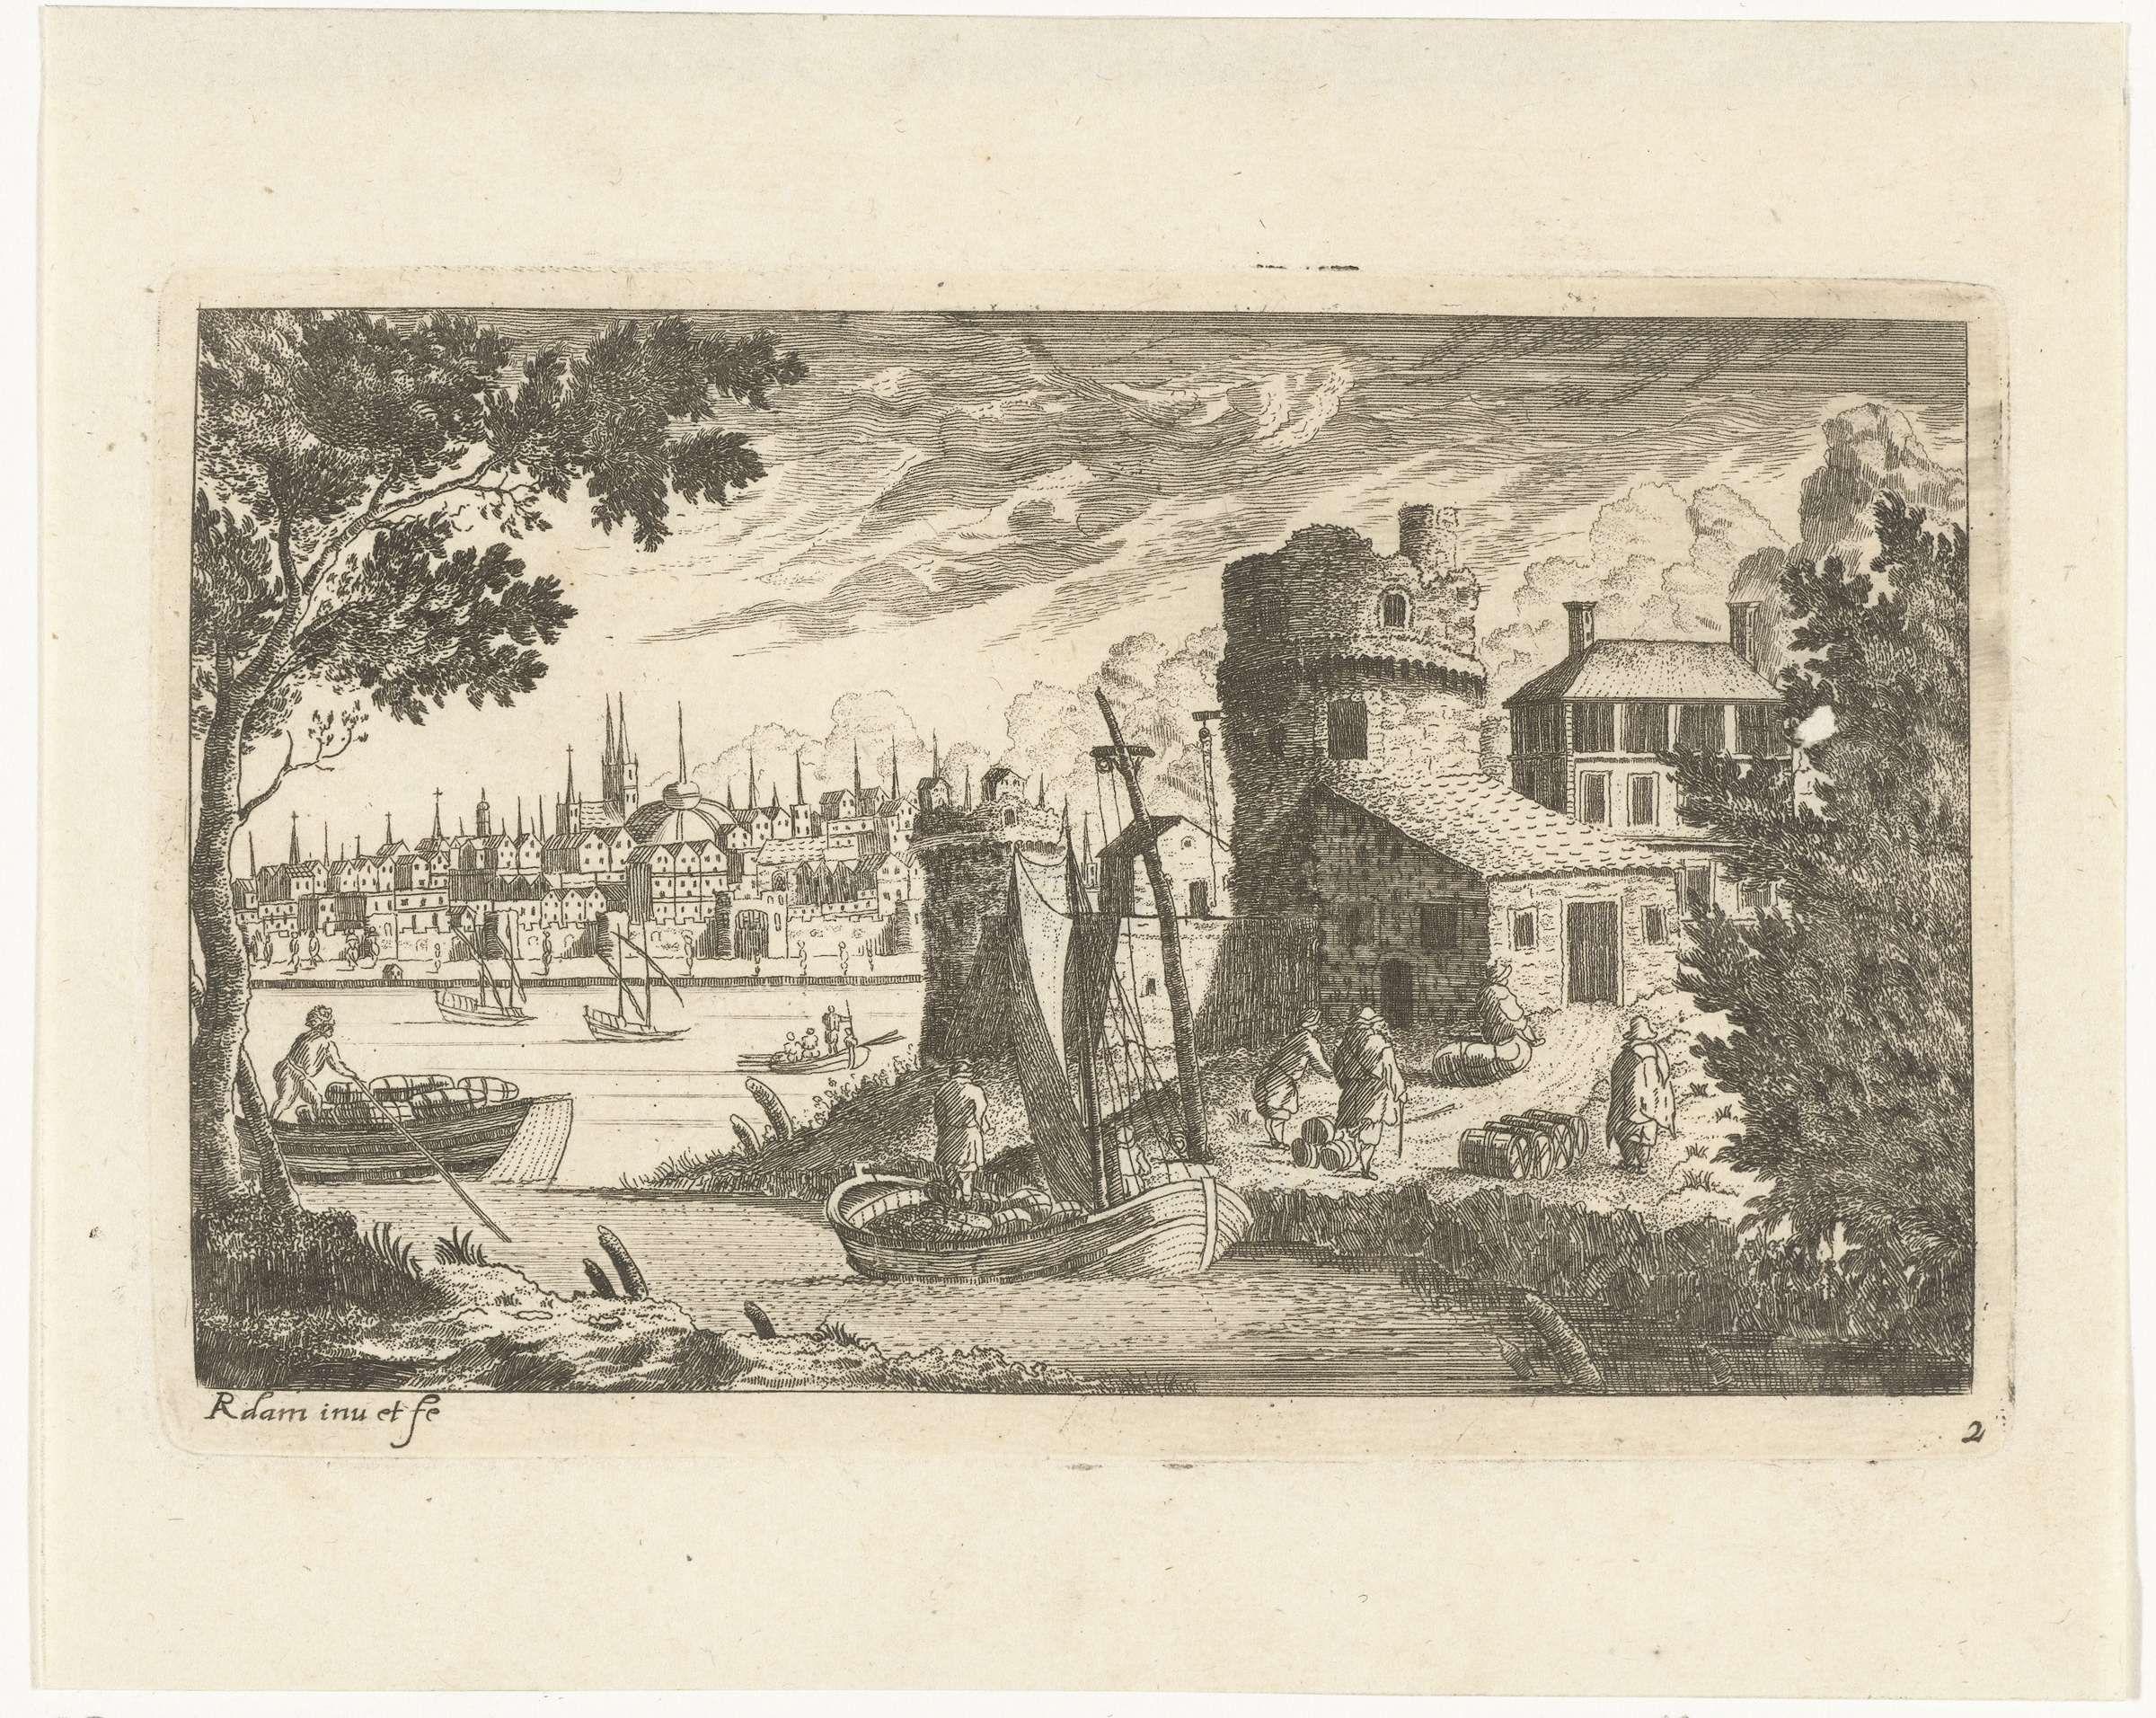 Richard Adam | Stadsgezicht met vissershaven en deel van de stadsmuur, Richard Adam, Johannes de Ram, 1654 - 1693 | Stadsgezicht met vissershaven en boten. Op de voorgrond een aanmerende boot met gehesen zeilen en een stuk van een stadsmuur met toren.